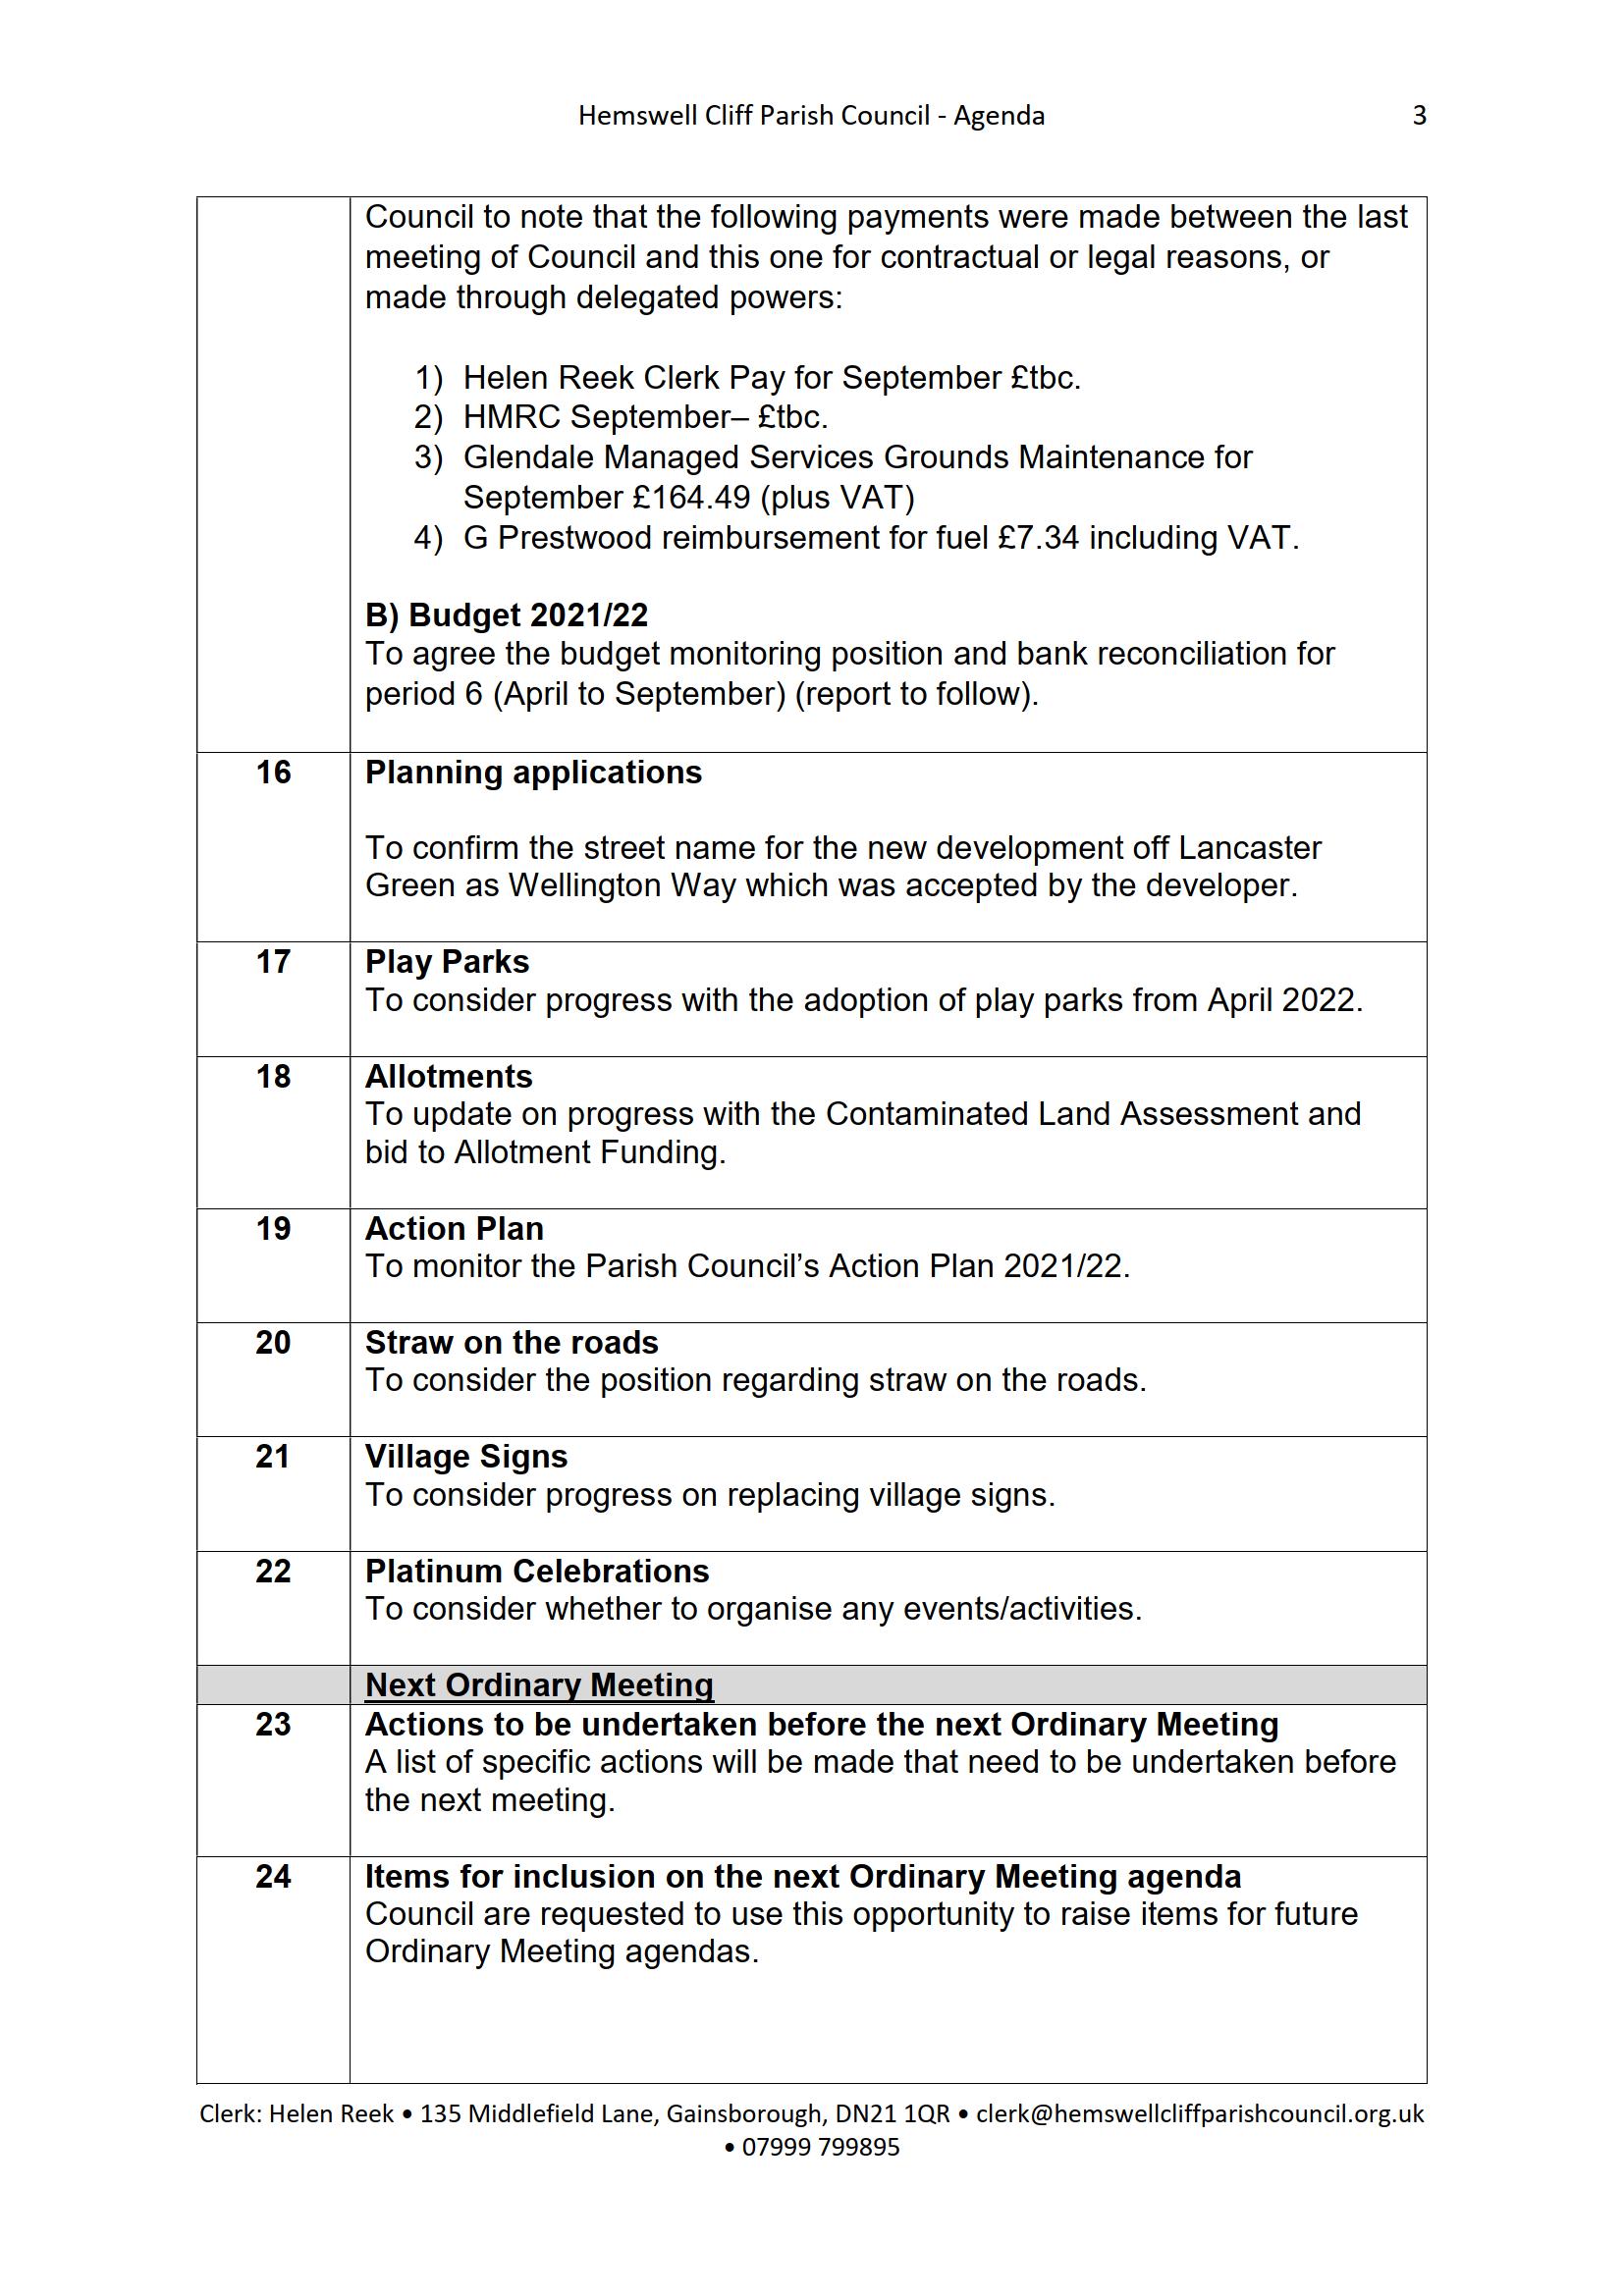 HCPC_Agenda_04.10.21_3.png